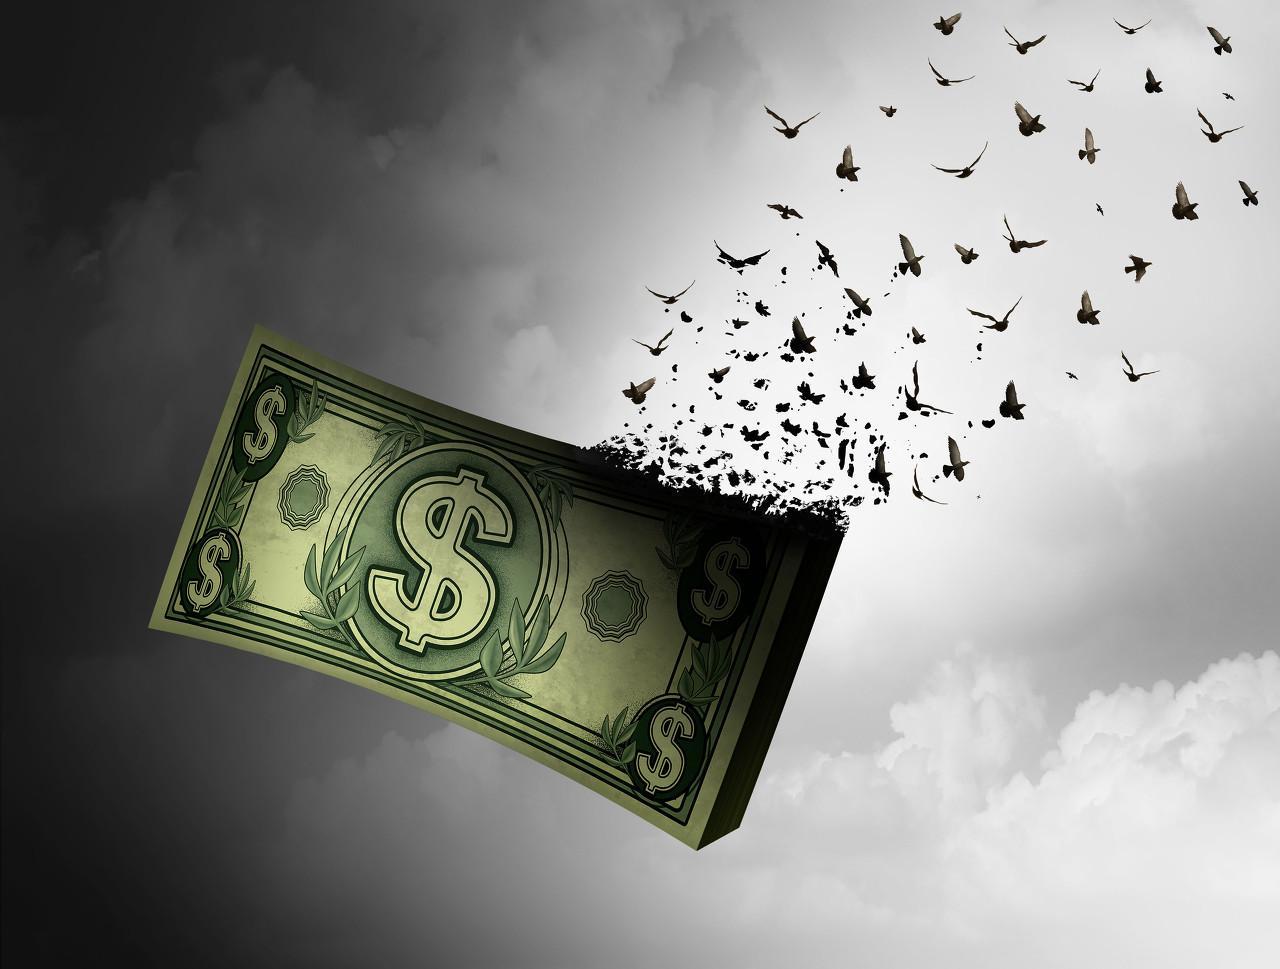 靳毅:私人数字货币的本质与规律